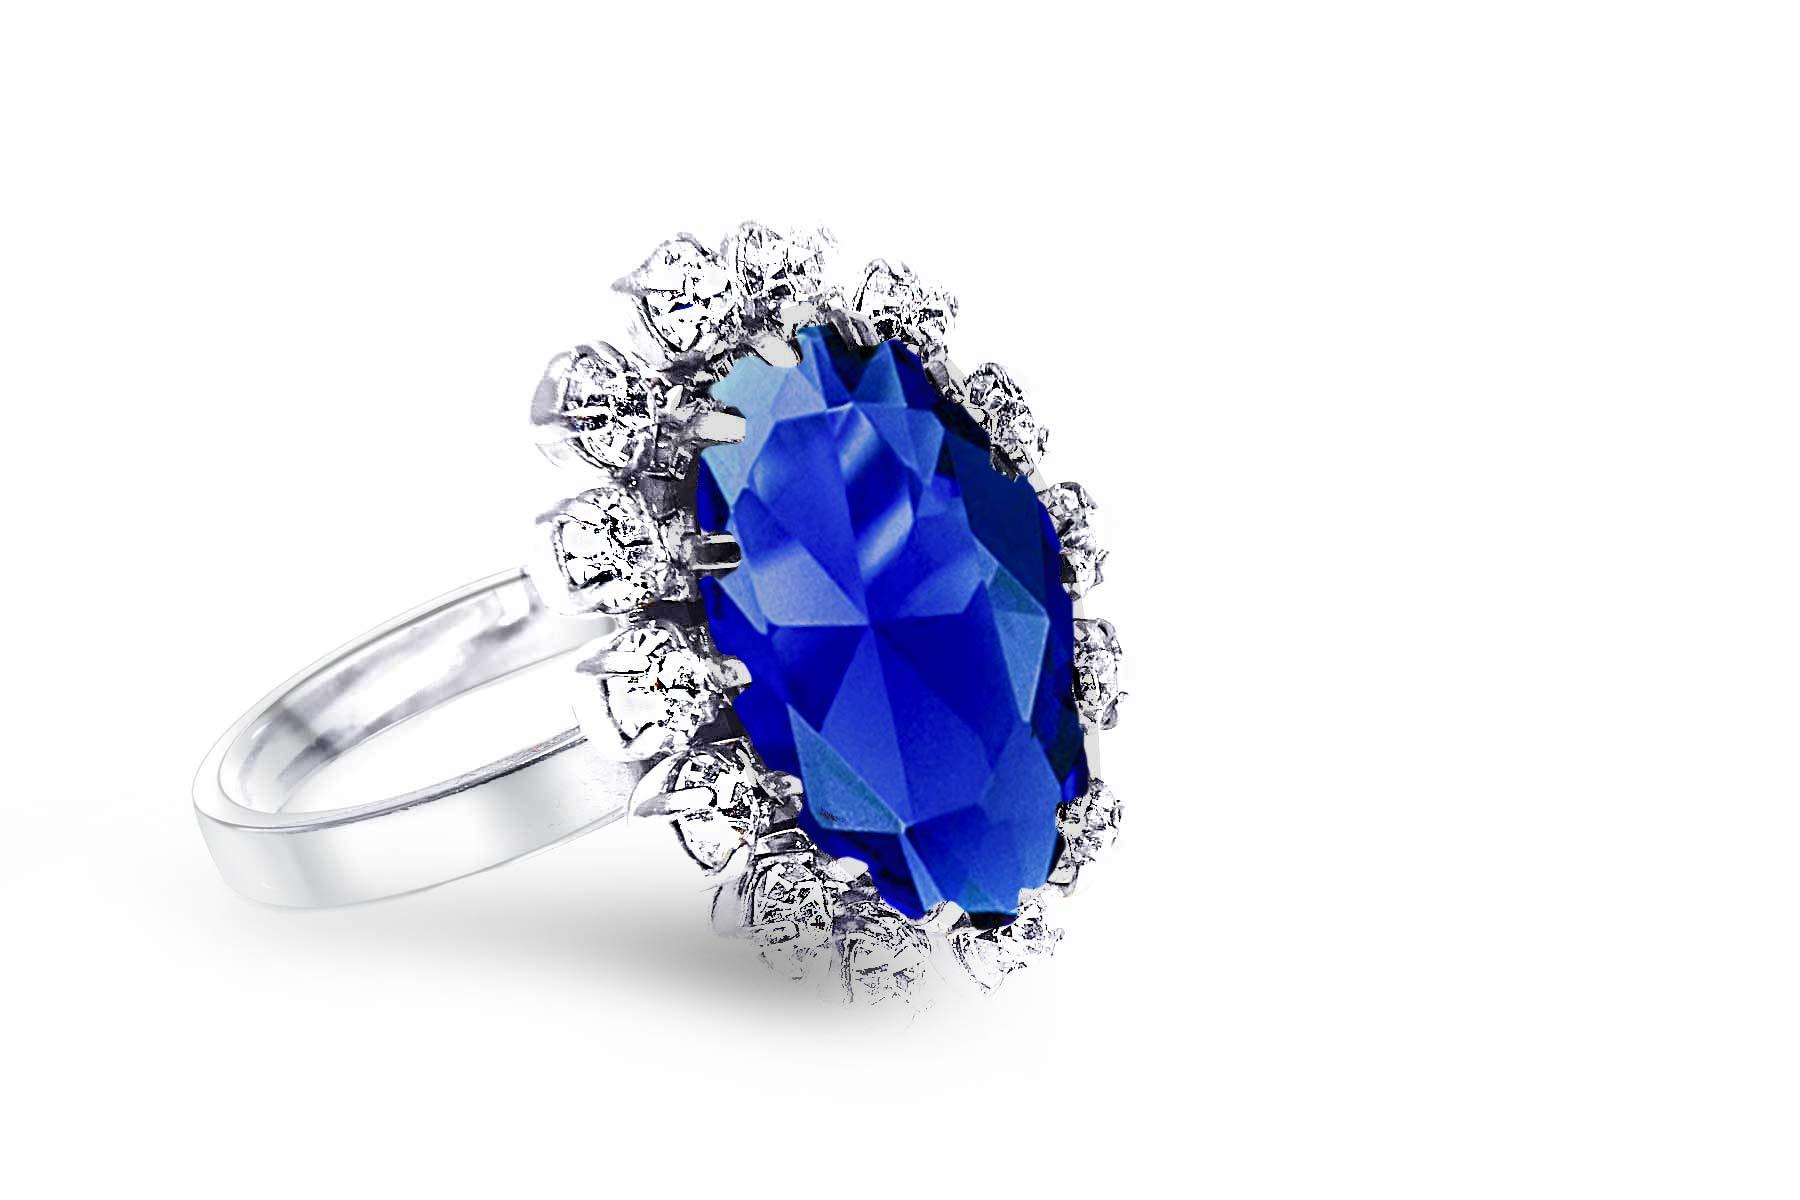 a4a25a5ddd Queen24 Anello di fidanzamento Swarovski – Argento – Palladio cristallo  zaffiro fatto a mano – Anello regolabile – Anello da donna anello anello  anello da ...